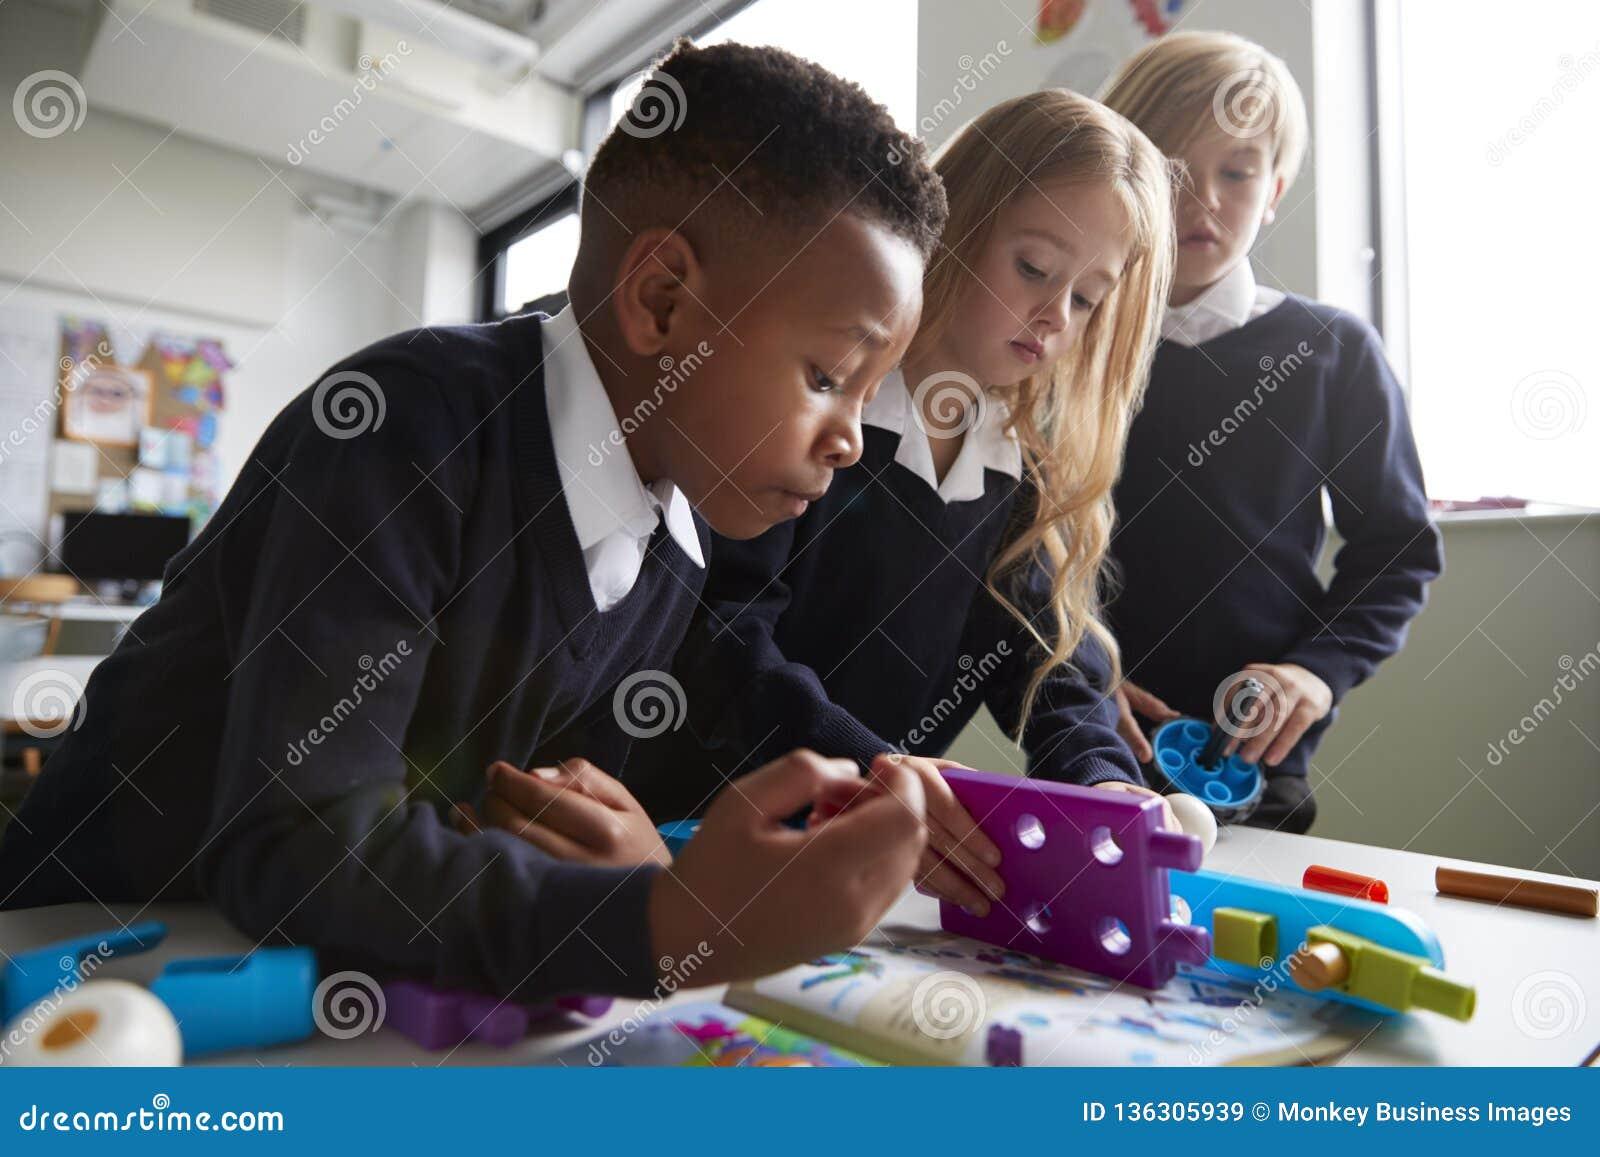 Fermez-vous de trois écoliers primaires collaborant avec des blocs de construction de jouet dans une salle de classe, angle faibl